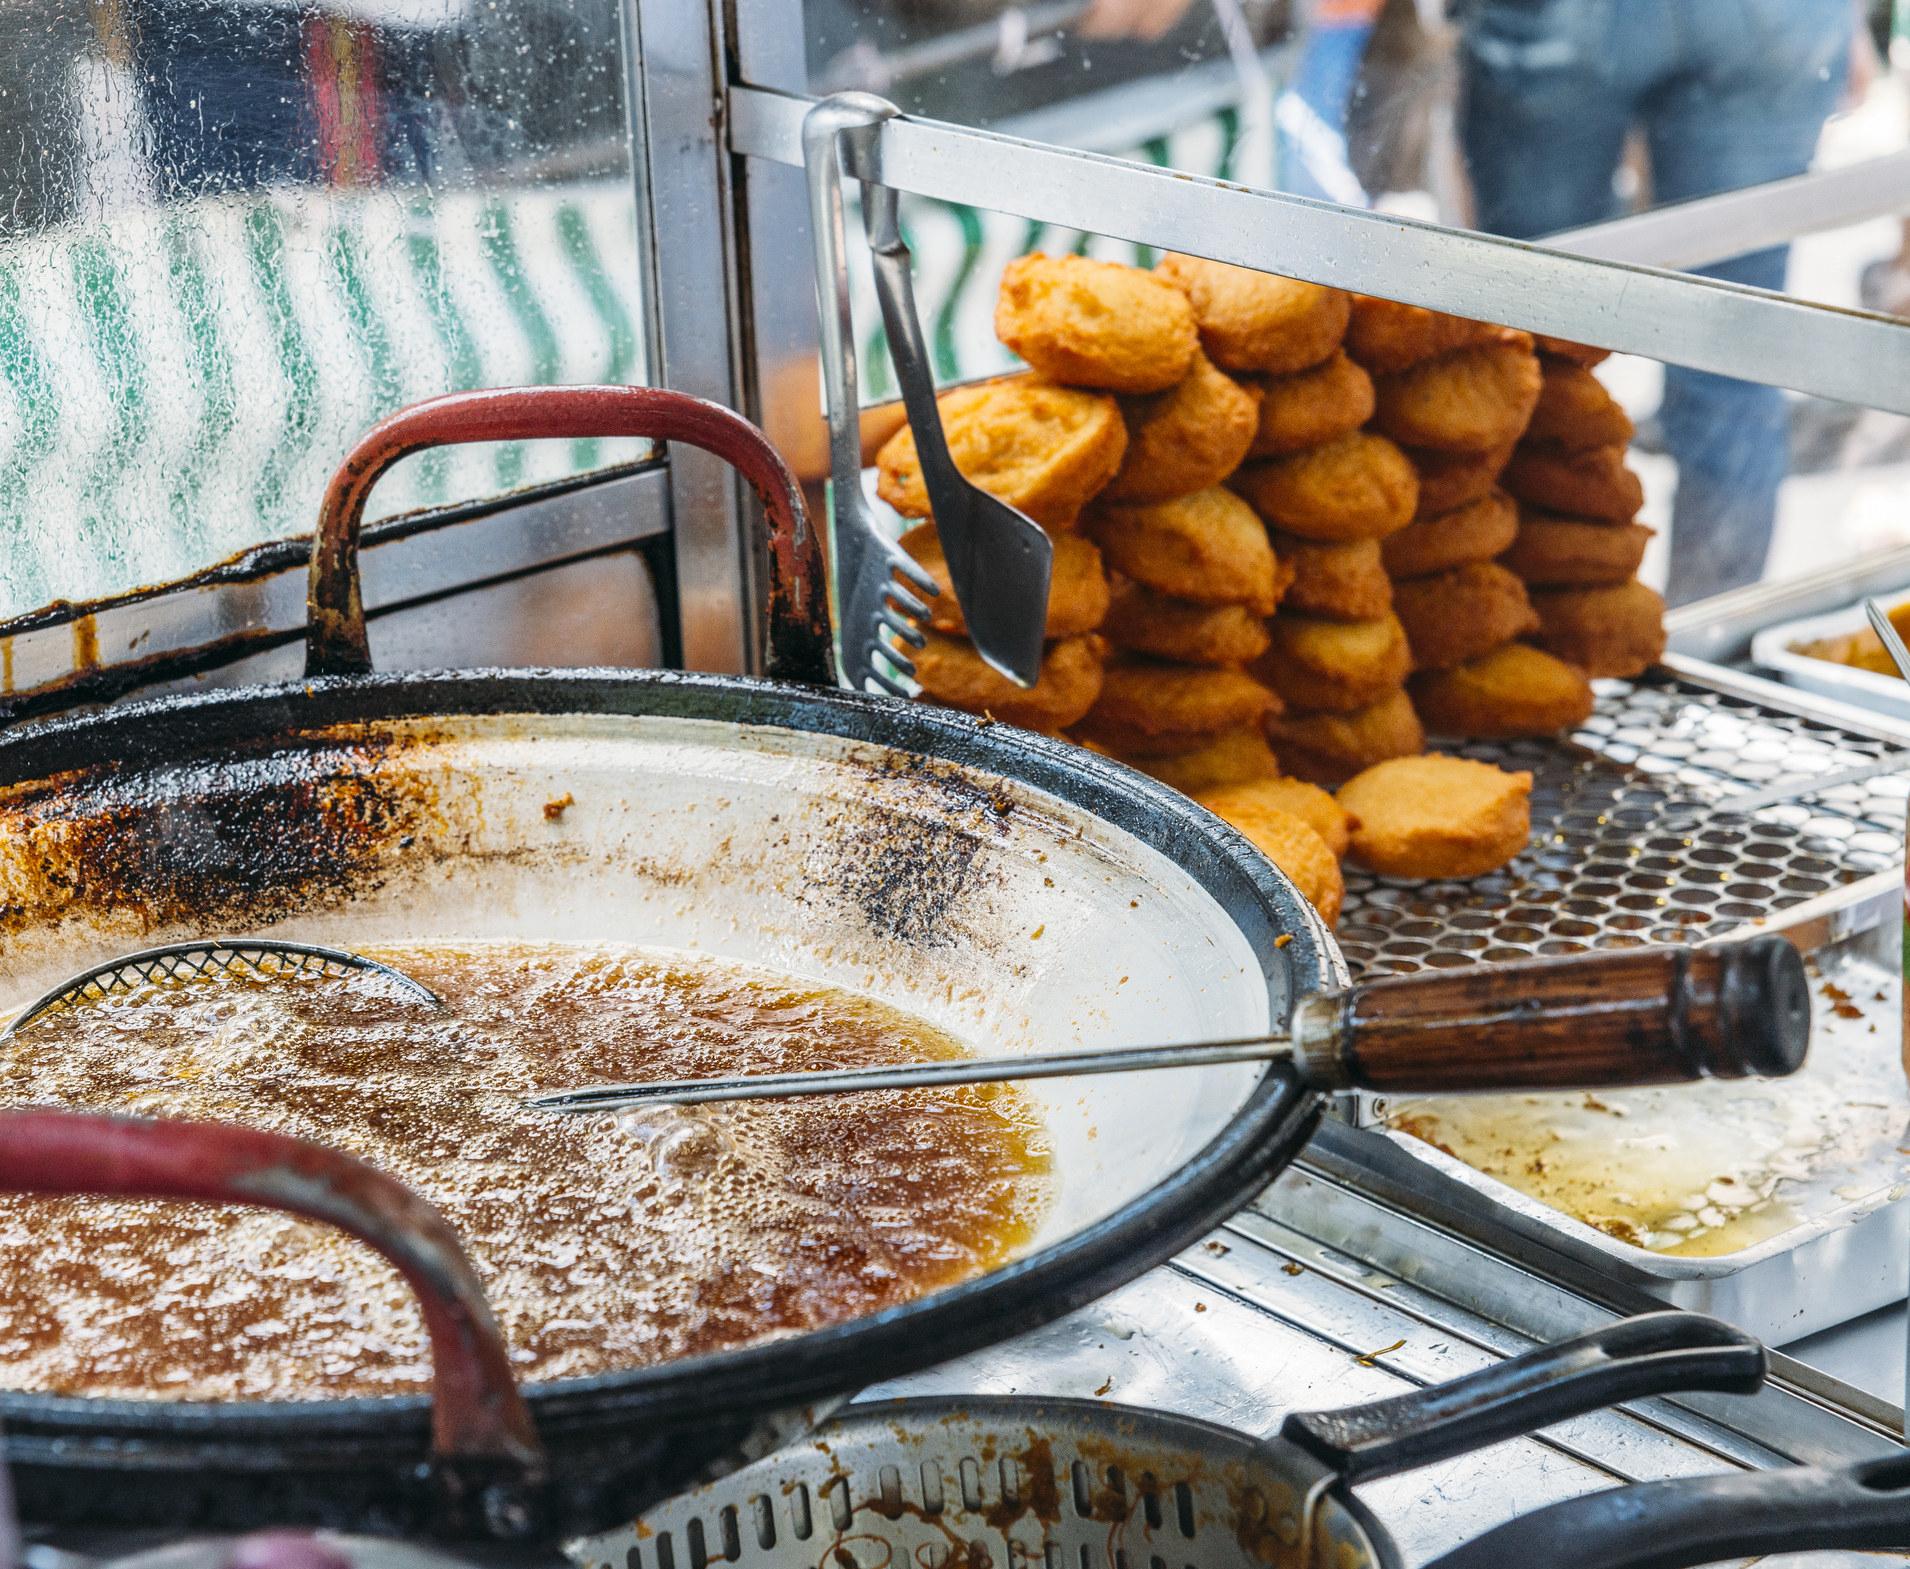 Brazilian fried street food.